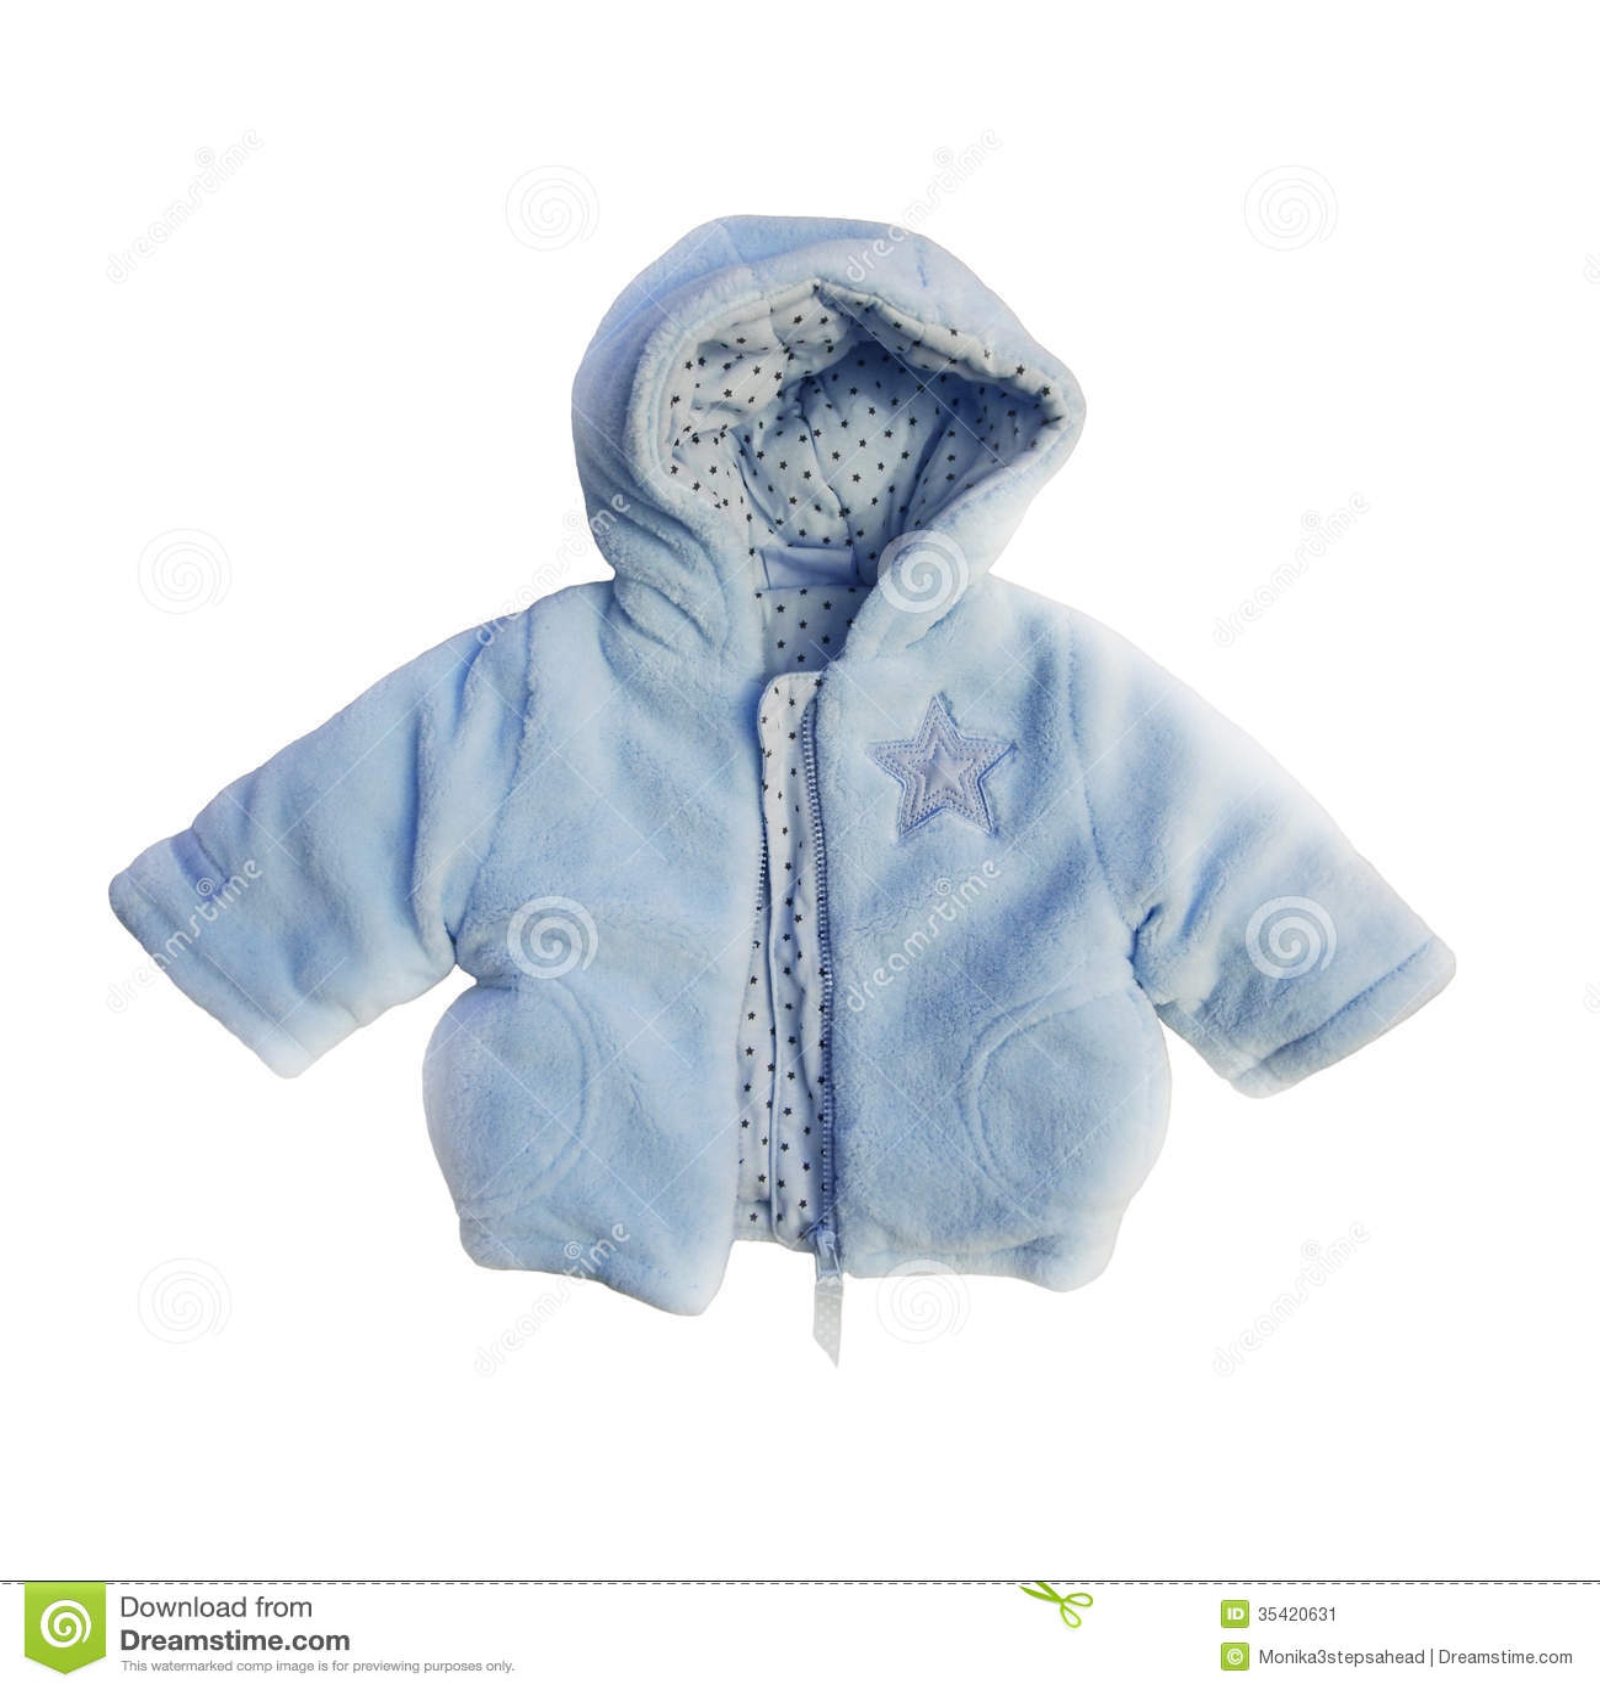 Blue Jacket For Baby Boy Stock Image Image 35420631